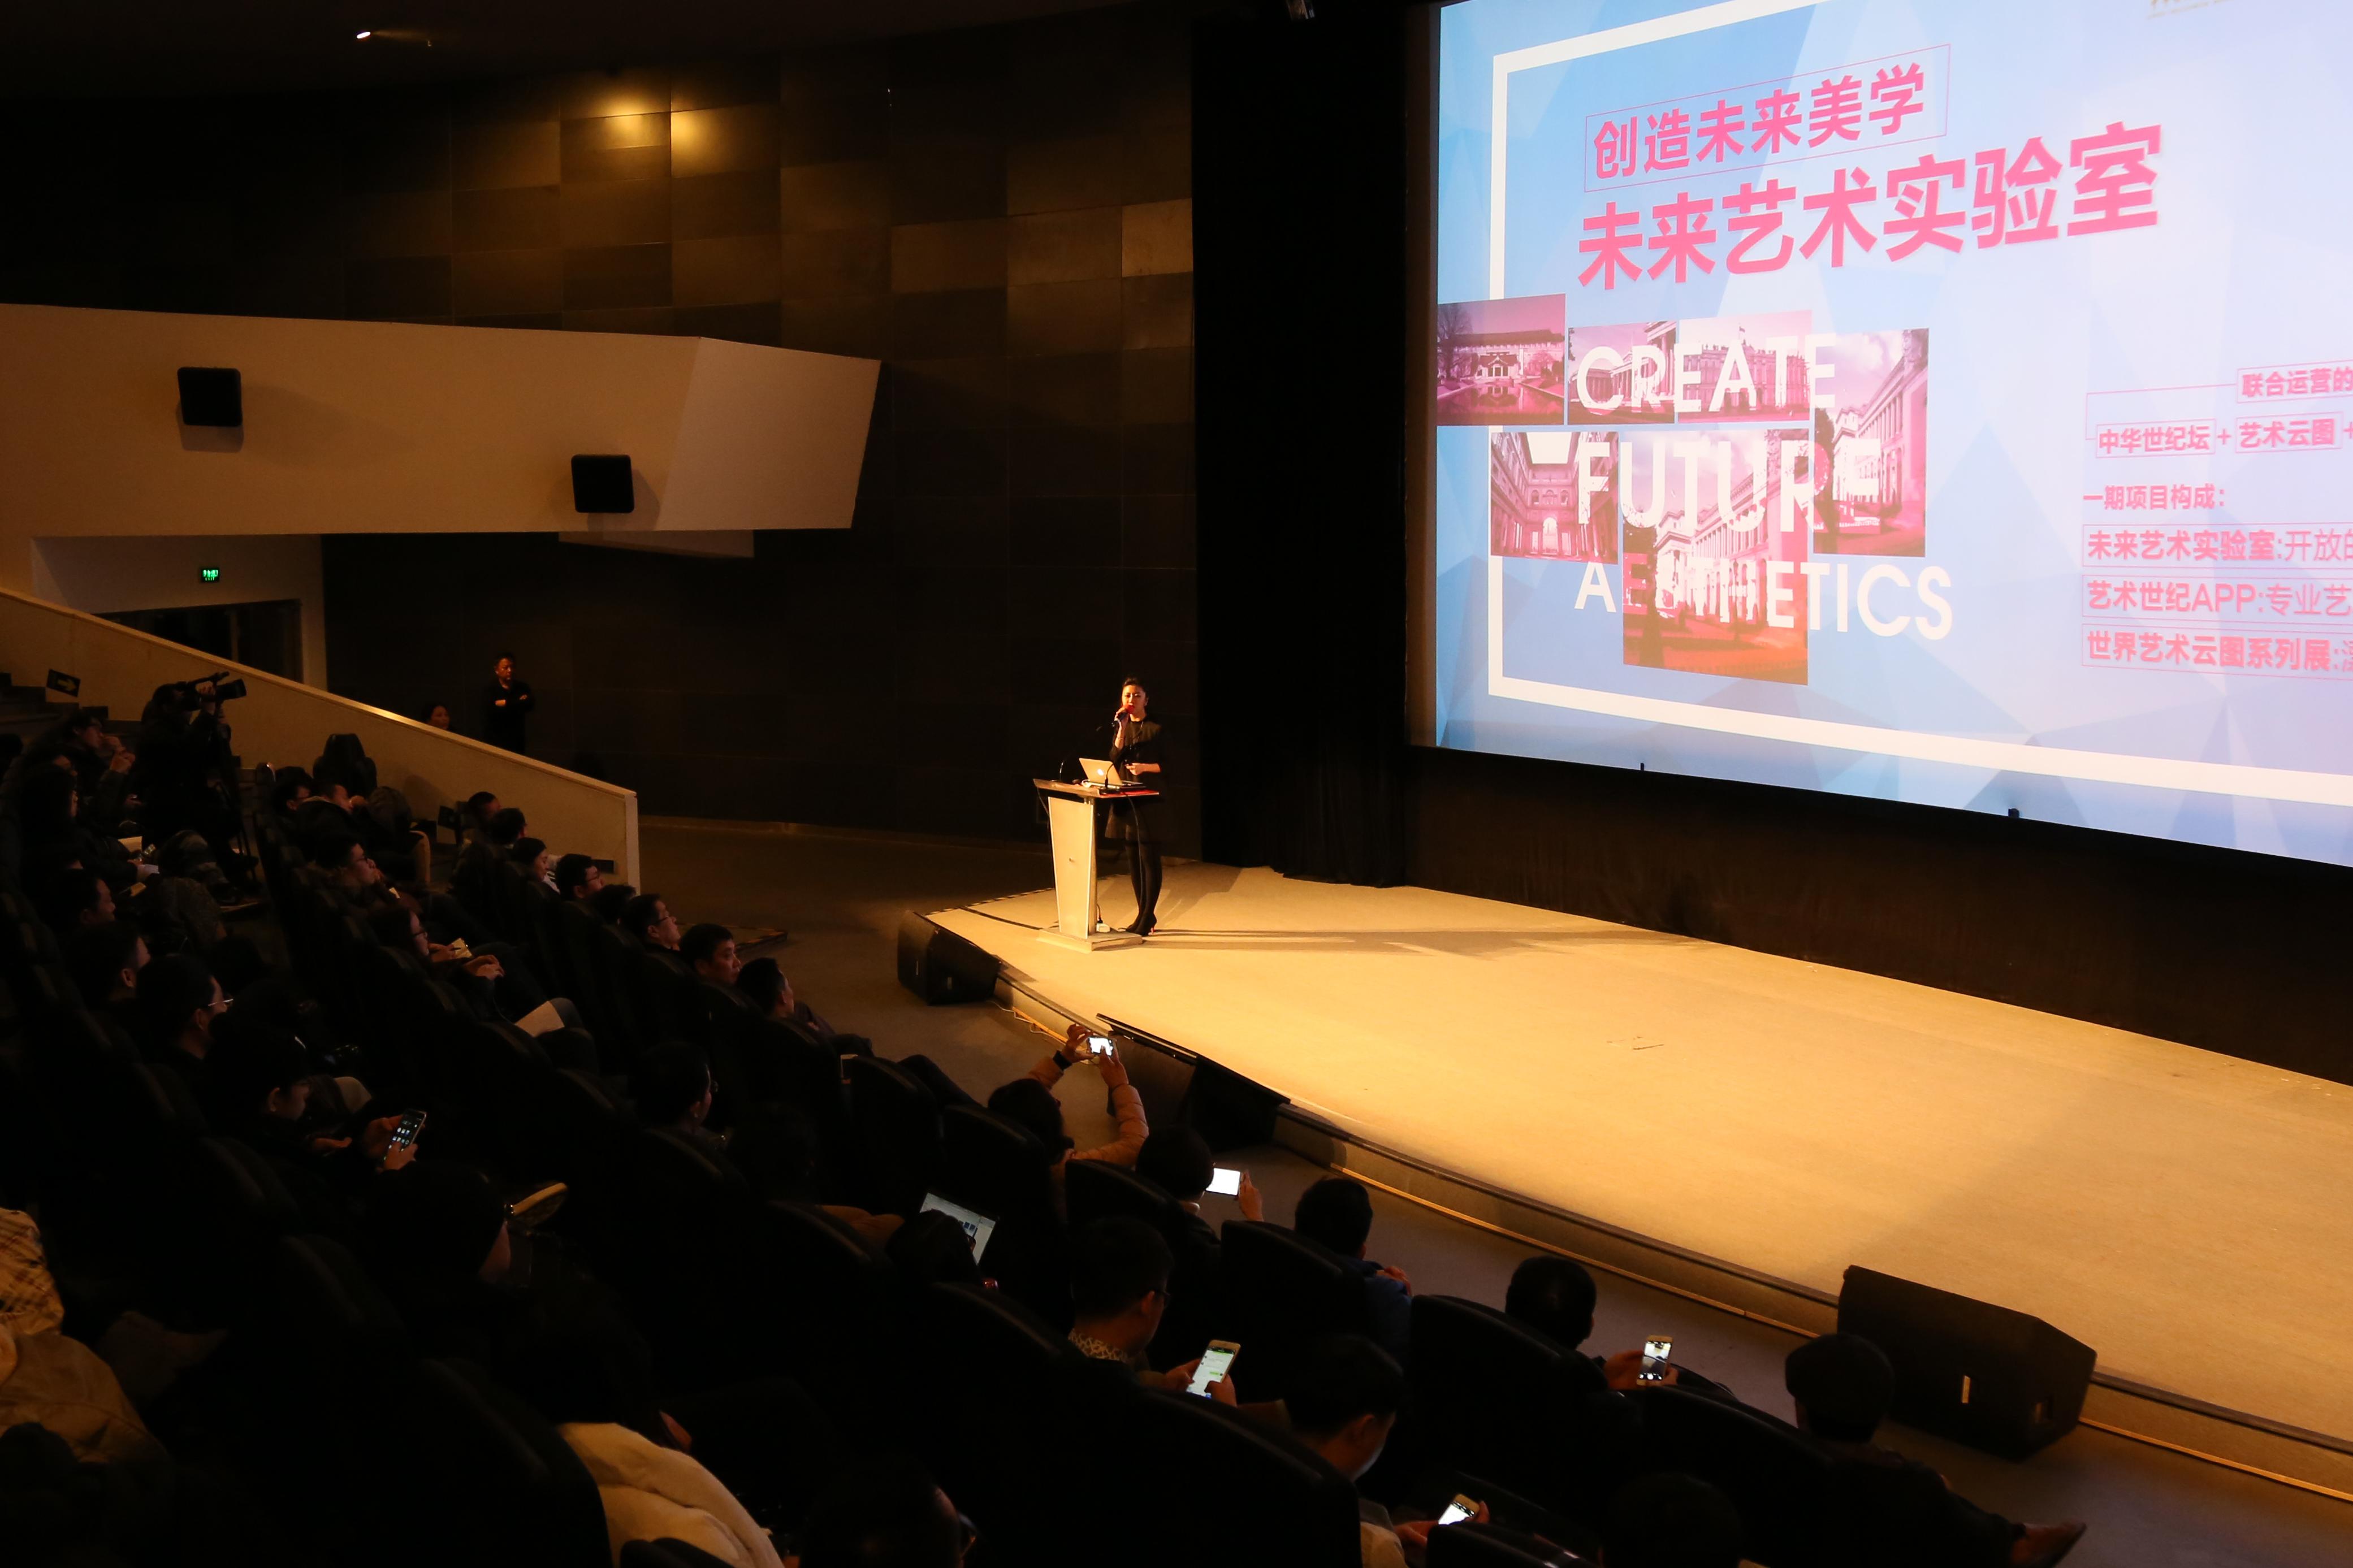 中华世纪坛创意新媒体联盟成立 传播未来美学